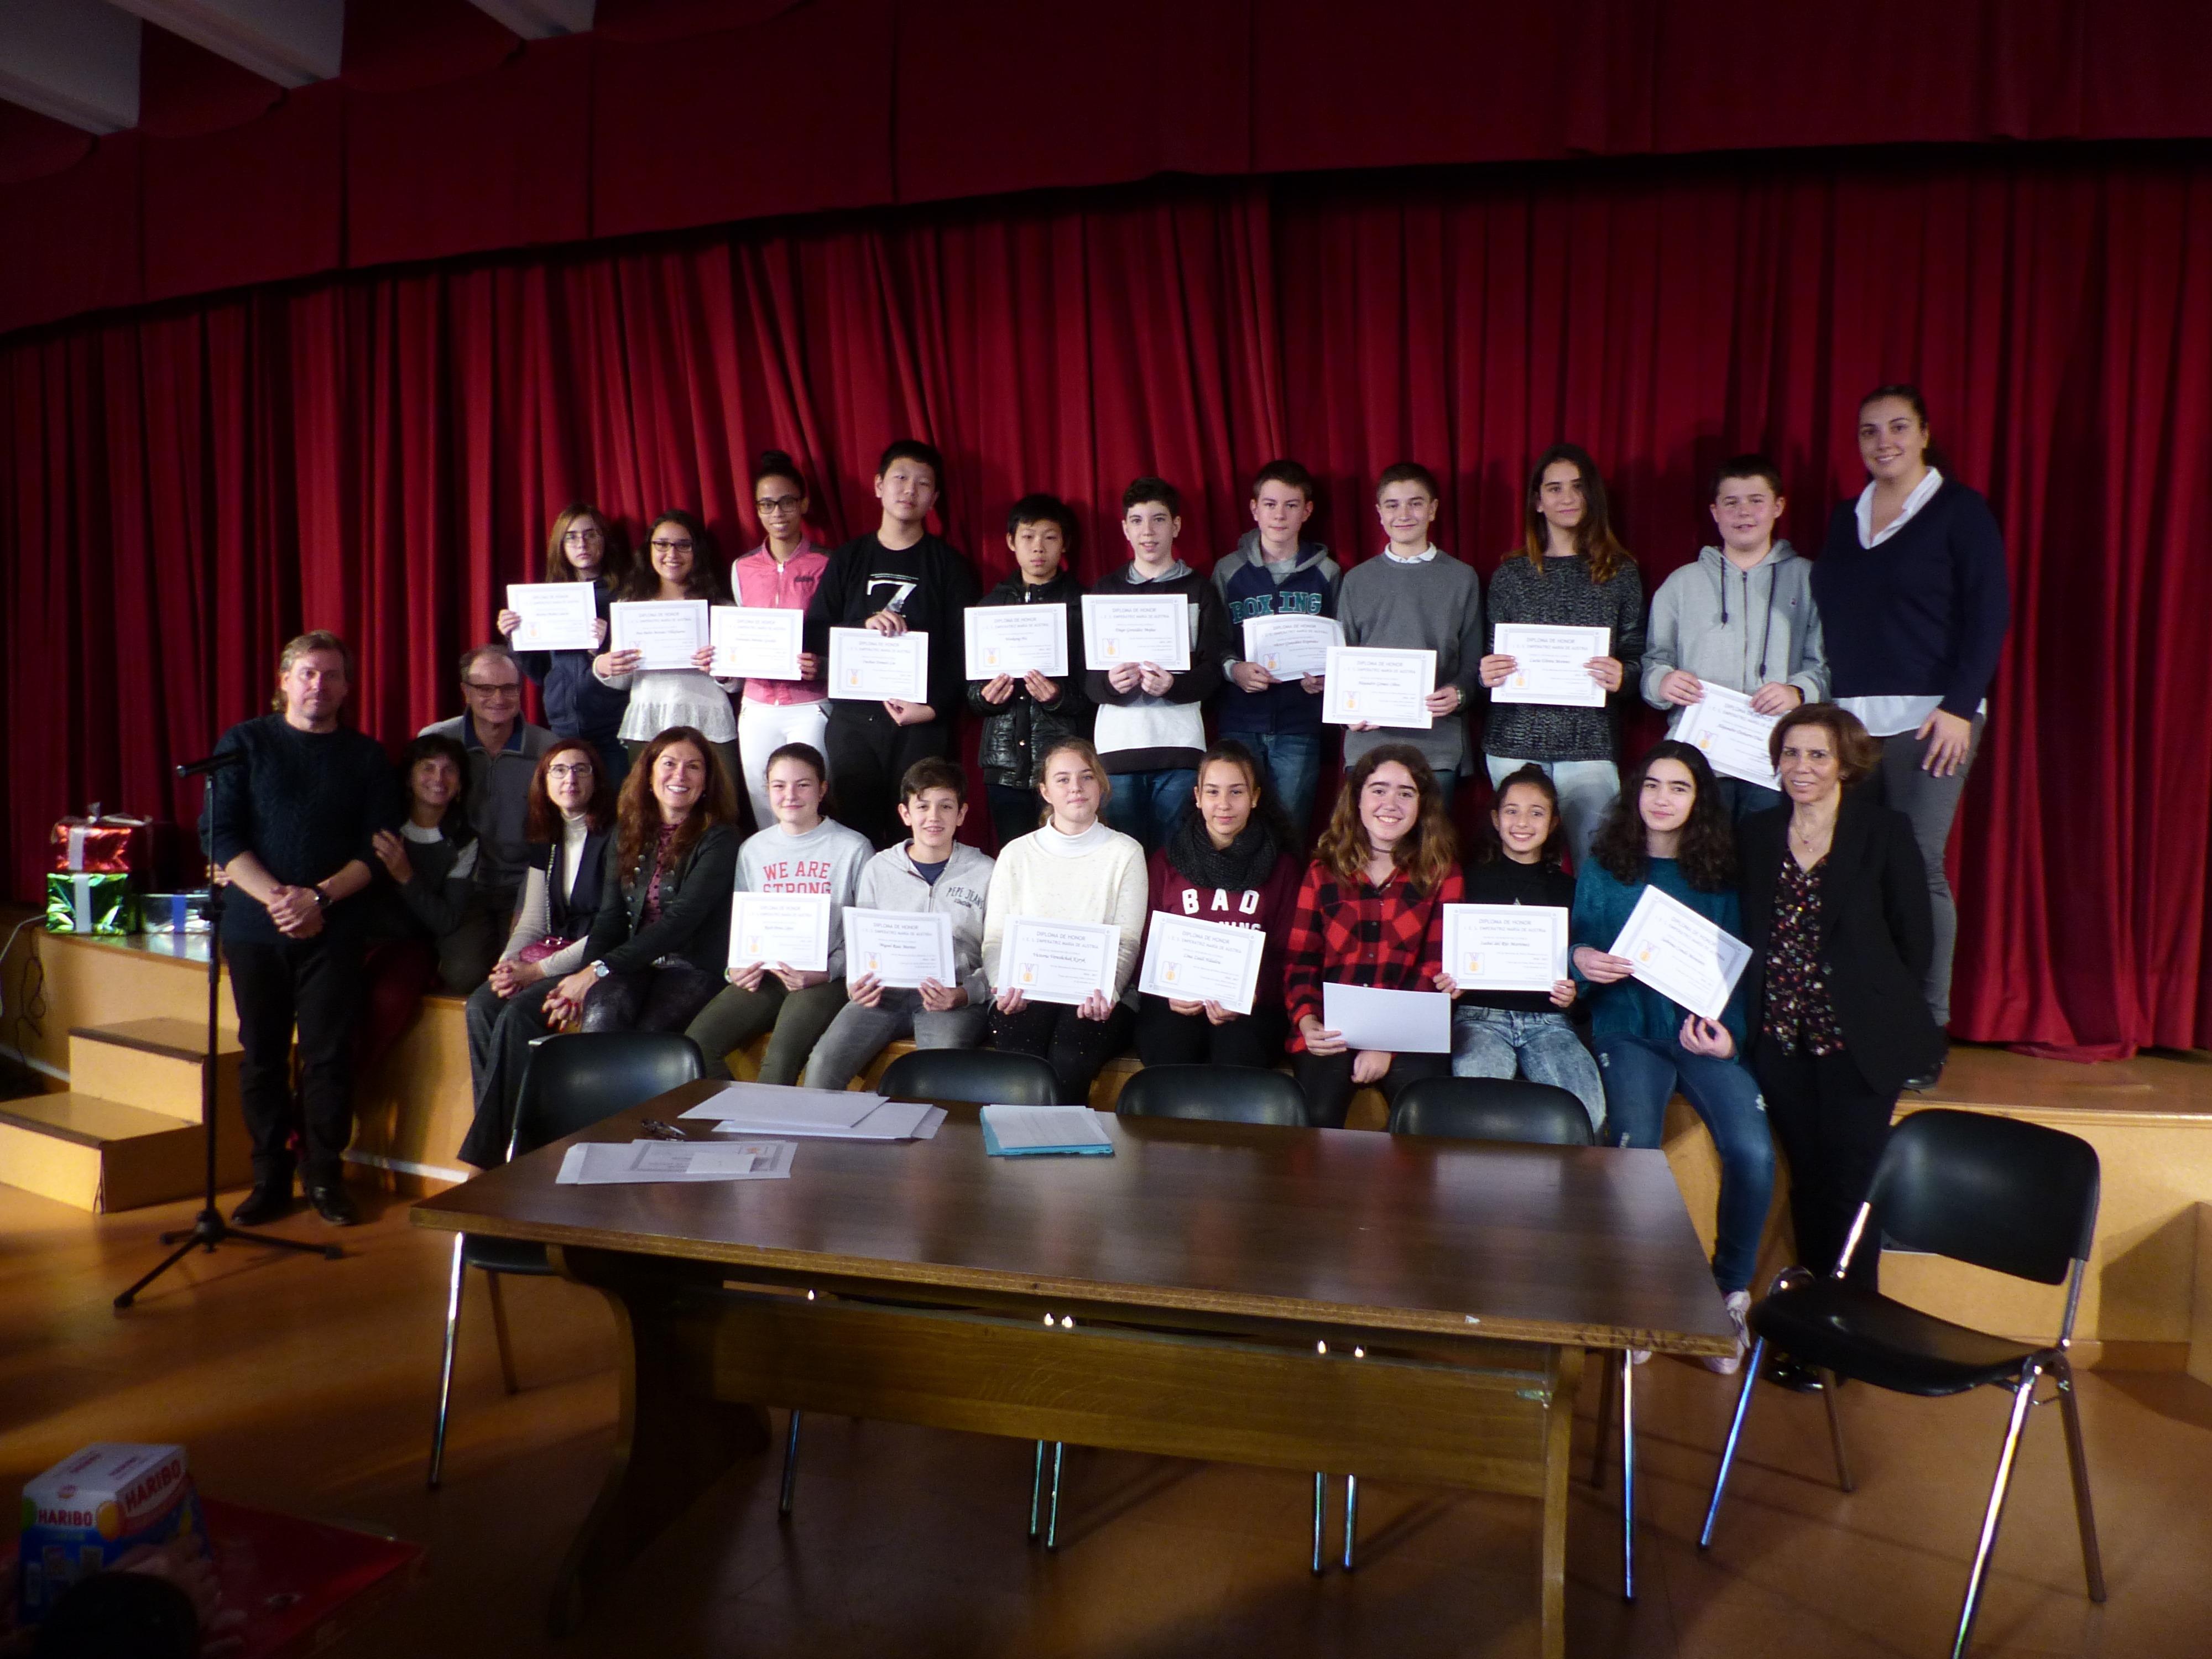 Acto Entrega Diplomas Menciones Honoríficas curso 2017-2018 3